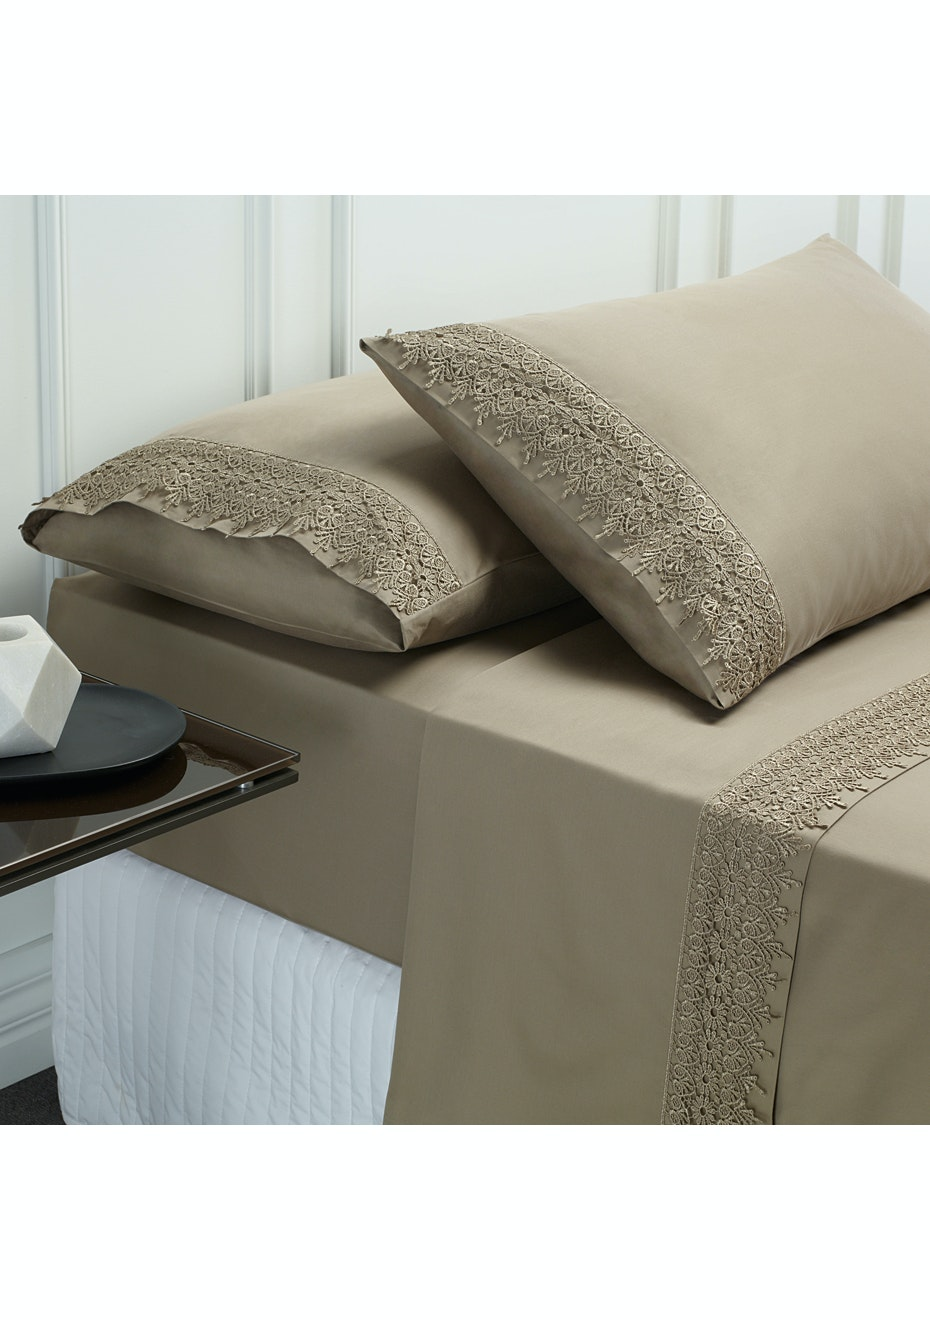 Style & Co 1000 Thread count Egyptian Cotton Hotel Collection Valencia Sheet sets Mega Queen Linen